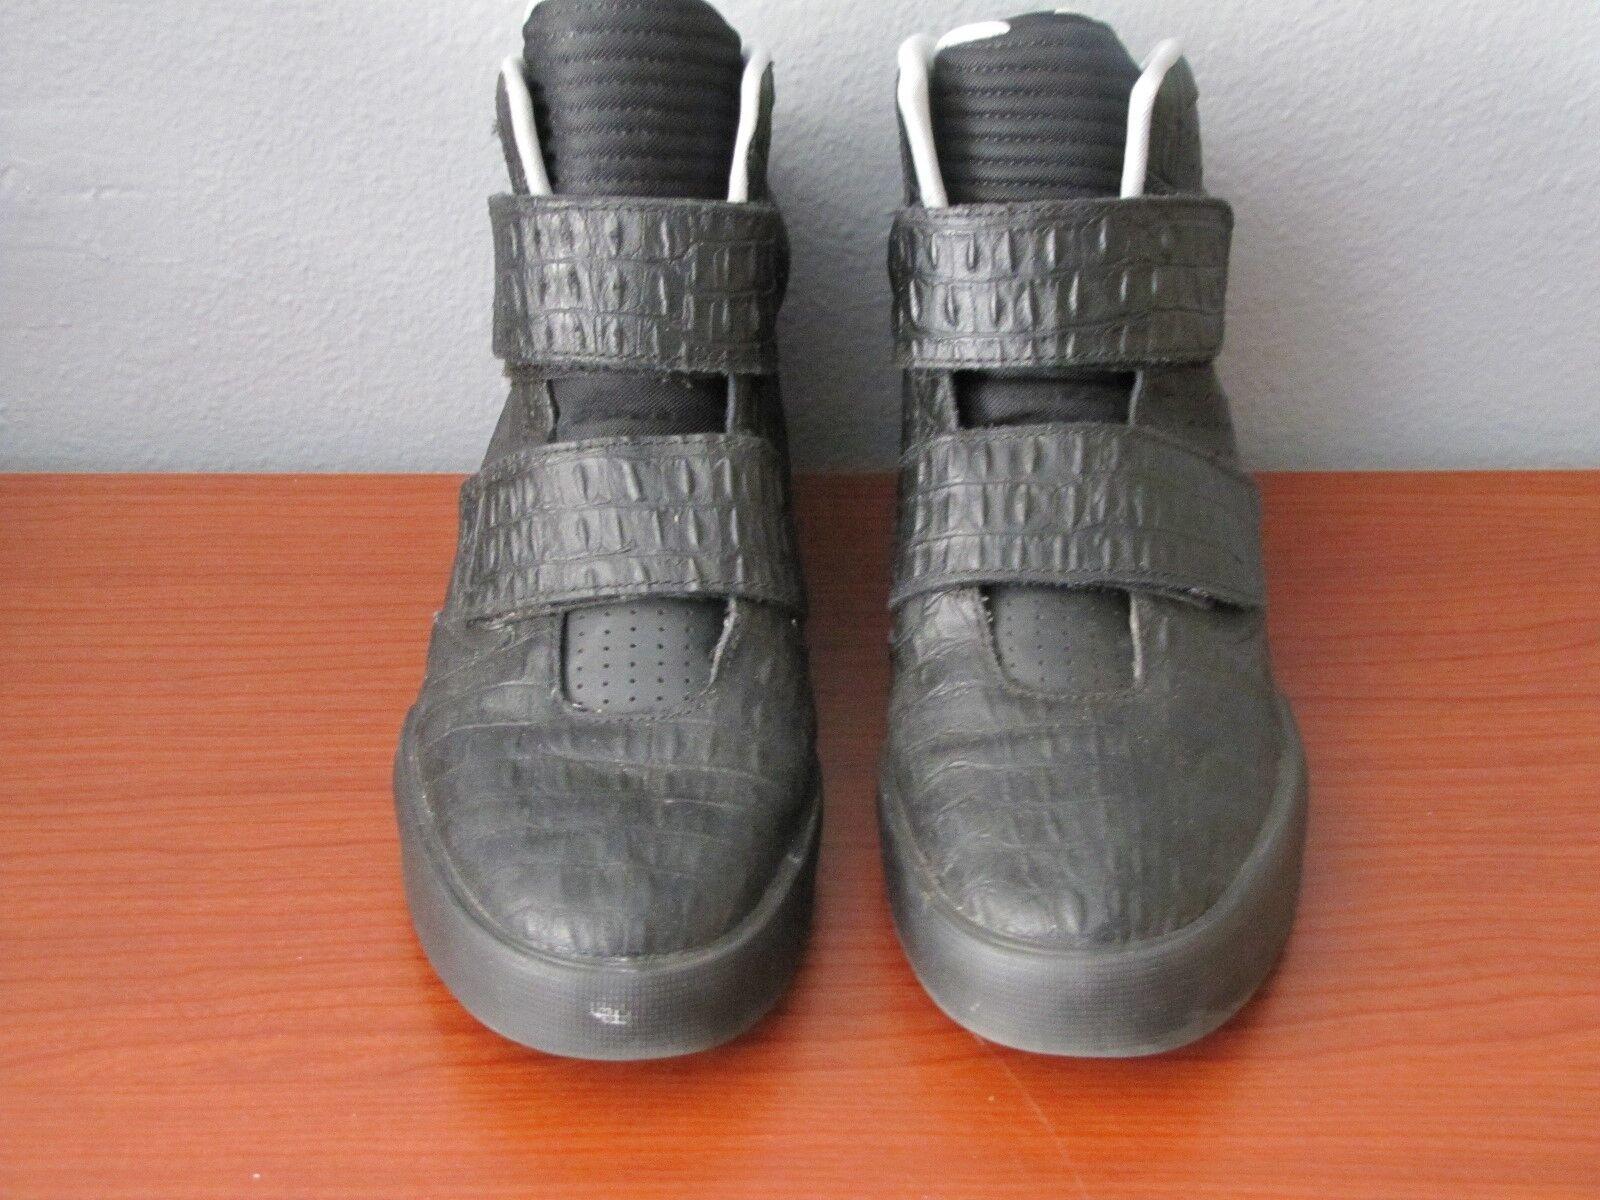 Nike flystepper 2k3 yeezy scarpe da ginnastica, nero / grigio 677473-020 rari uomini